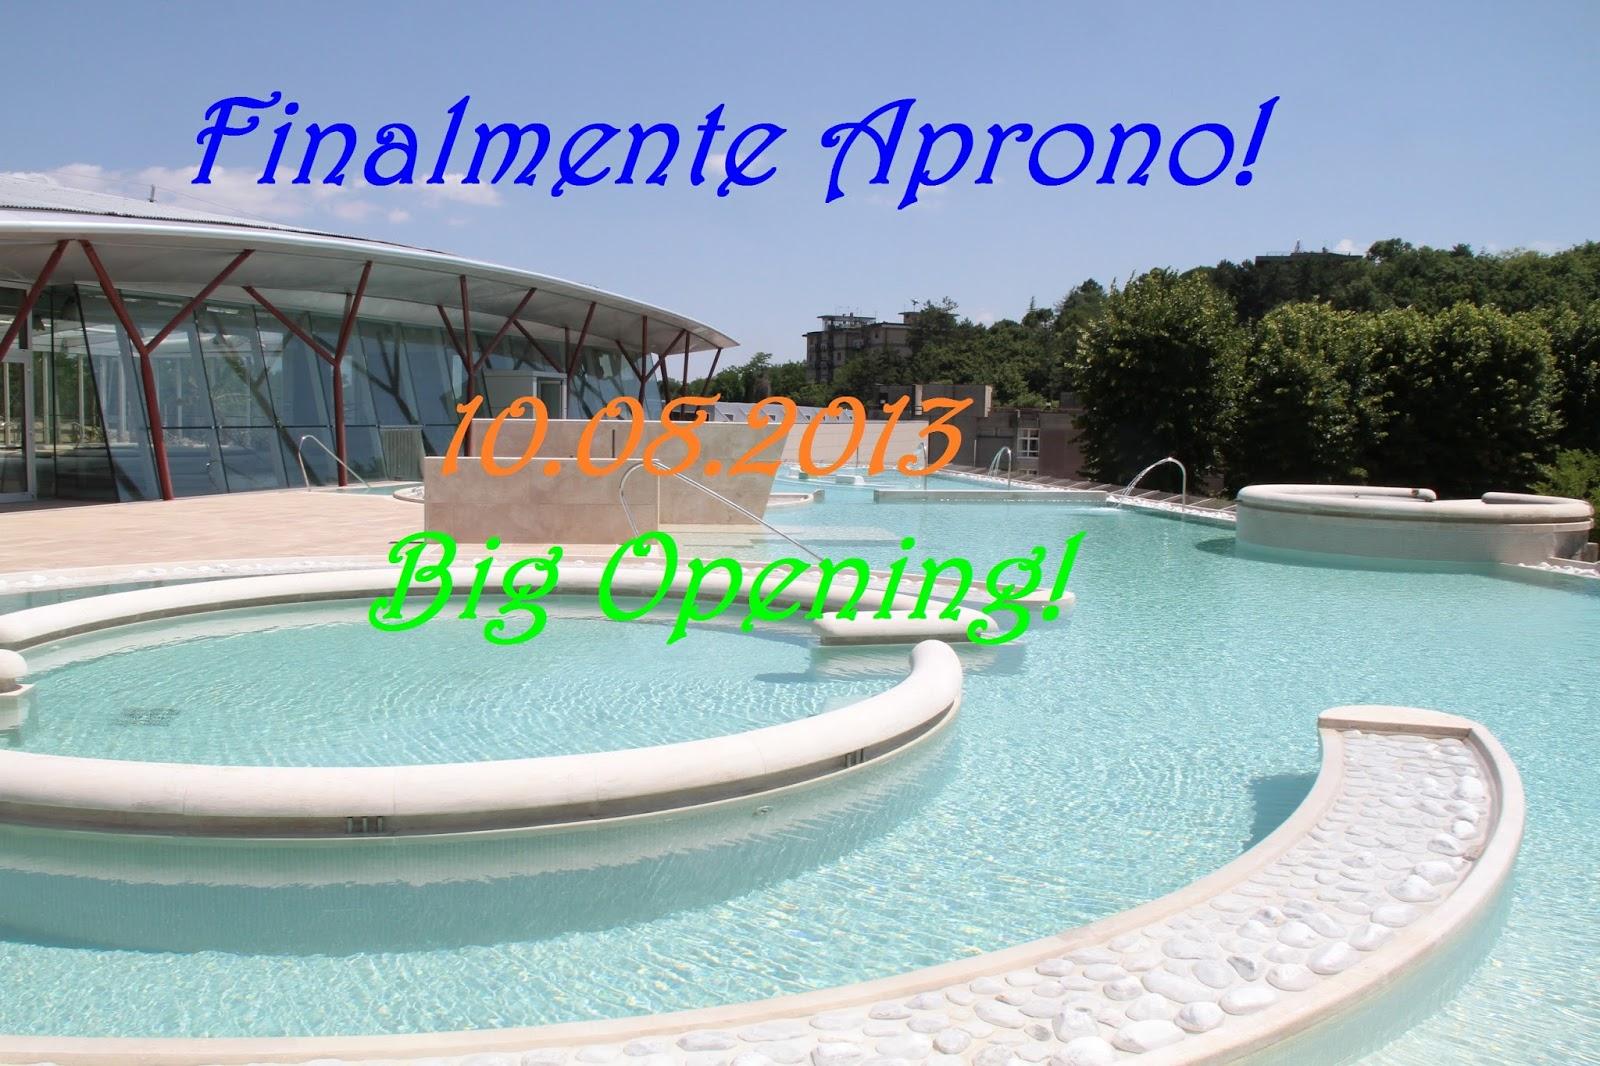 Valtubo per chianciano il blog dei chiancianesi a - Terme euganee piscine ...